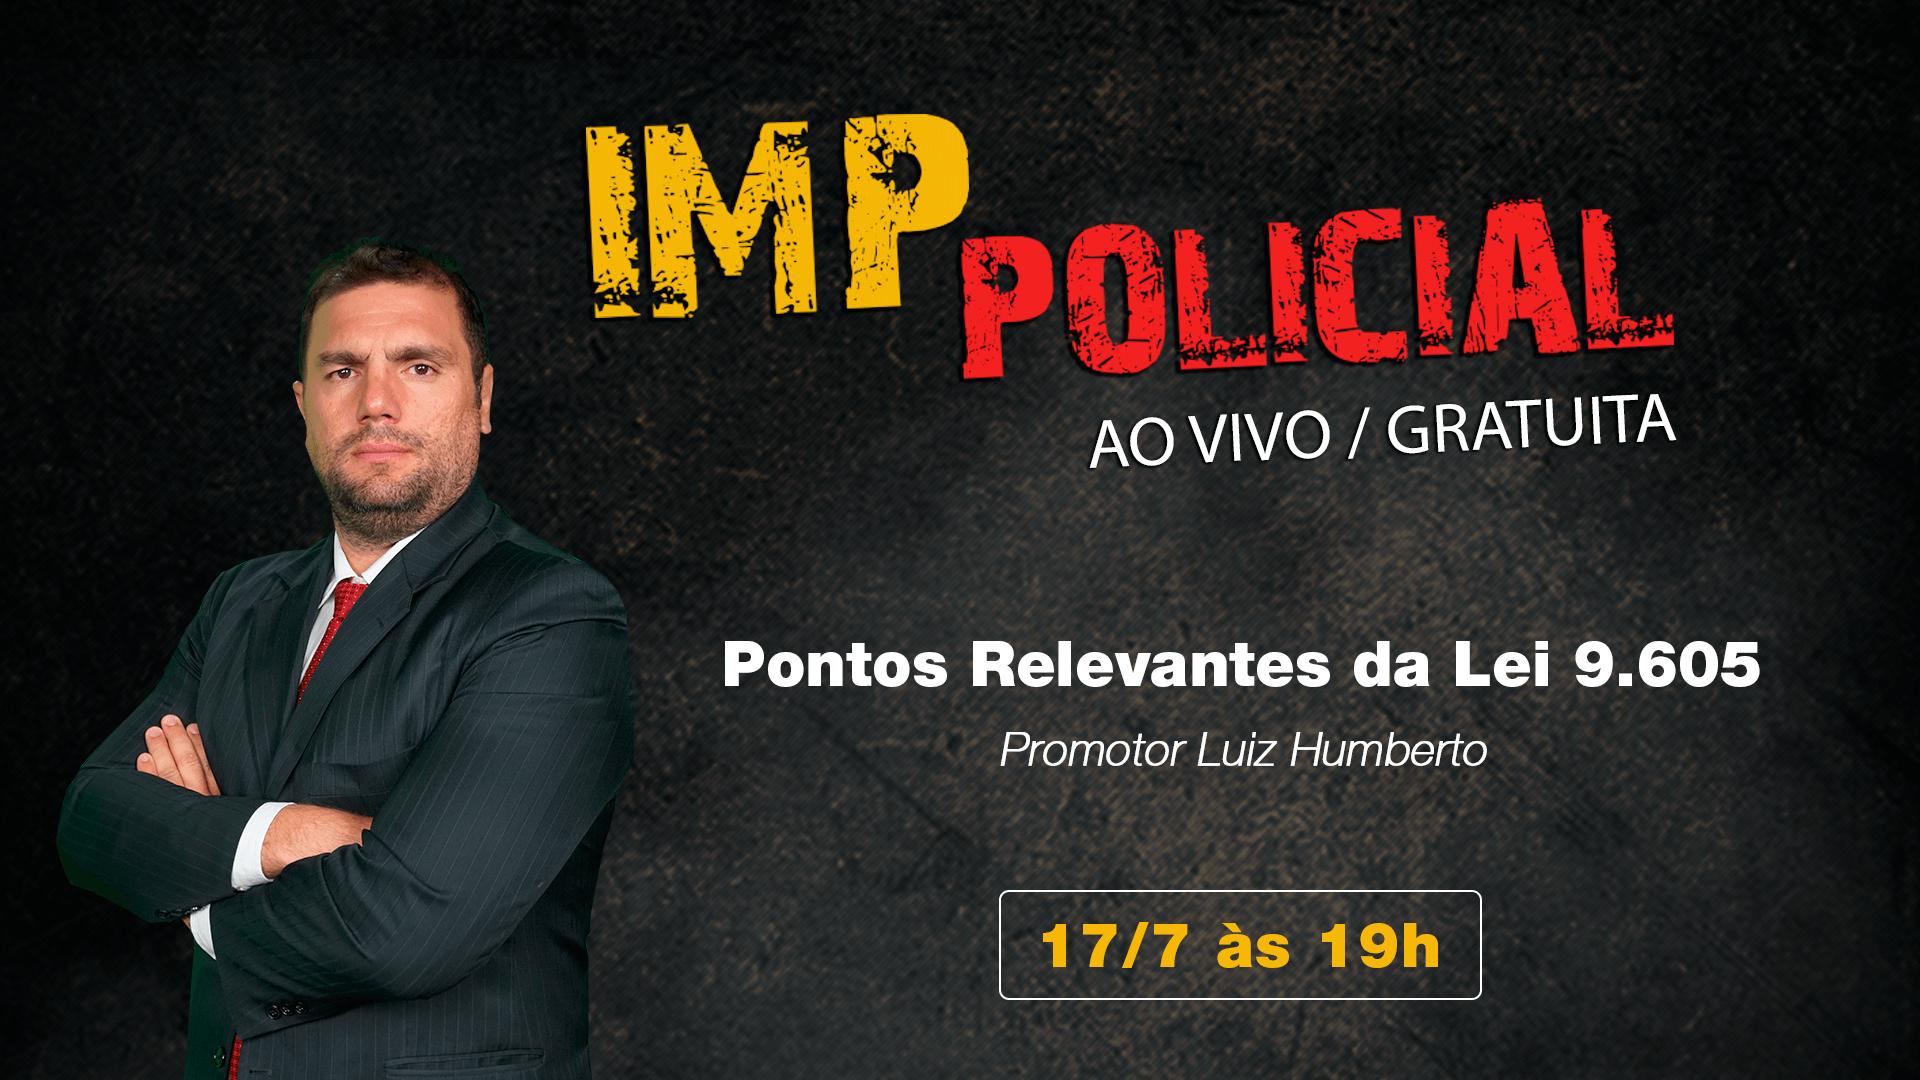 IMP Policial - Pontos Relevantes da Lei 9.605